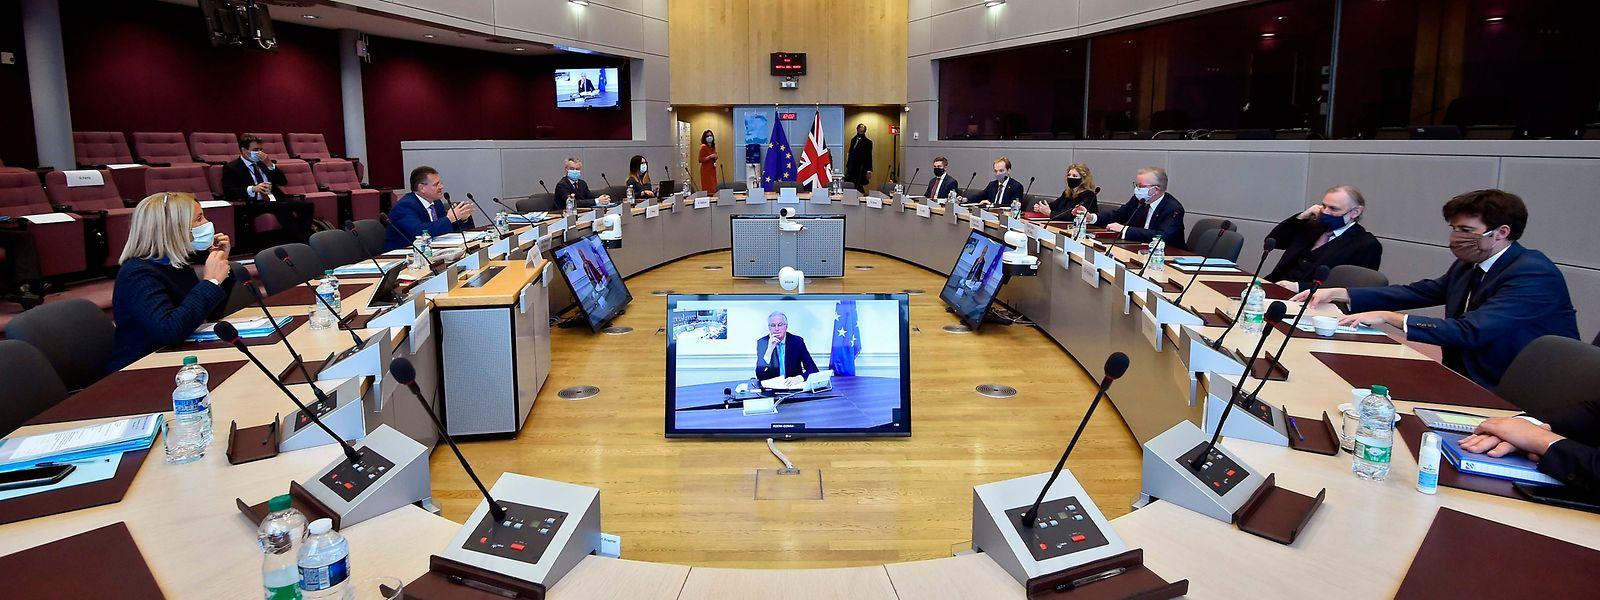 Malgré une confiance ébranlée, le Royaume-Uni et l'UE ont repris le dialogue avec l'espoir d'arriver à un accord sur leur future relation commerciale.